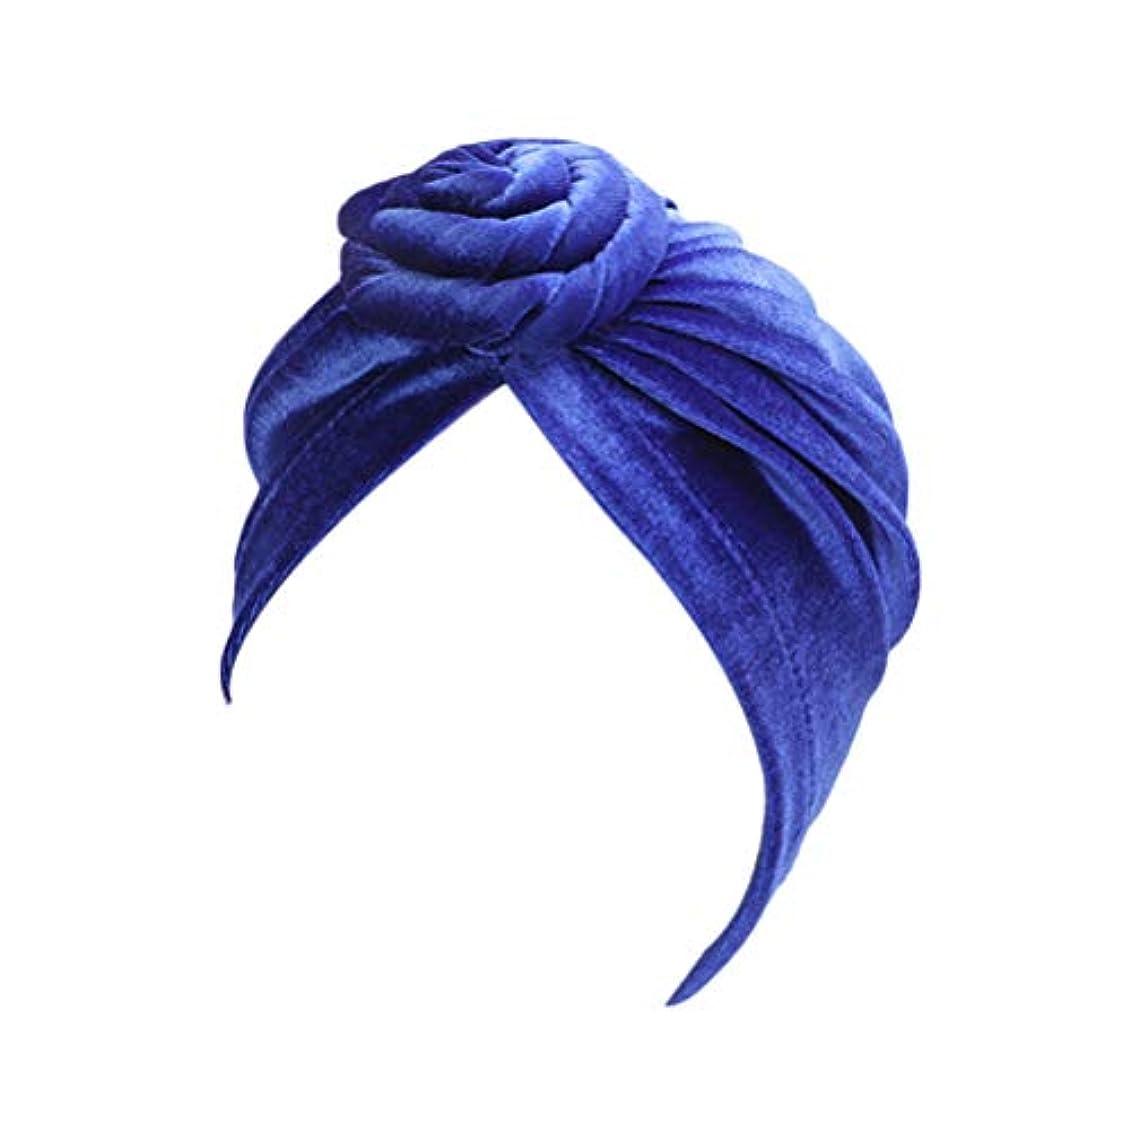 ピン責任者副Healifty 睡眠ナイトキャップ花装飾ワイドバンドボンネットナイトヘッドカバーソフトヘアターバン女性用ヘアビューティーケアキャップ(ブルー)